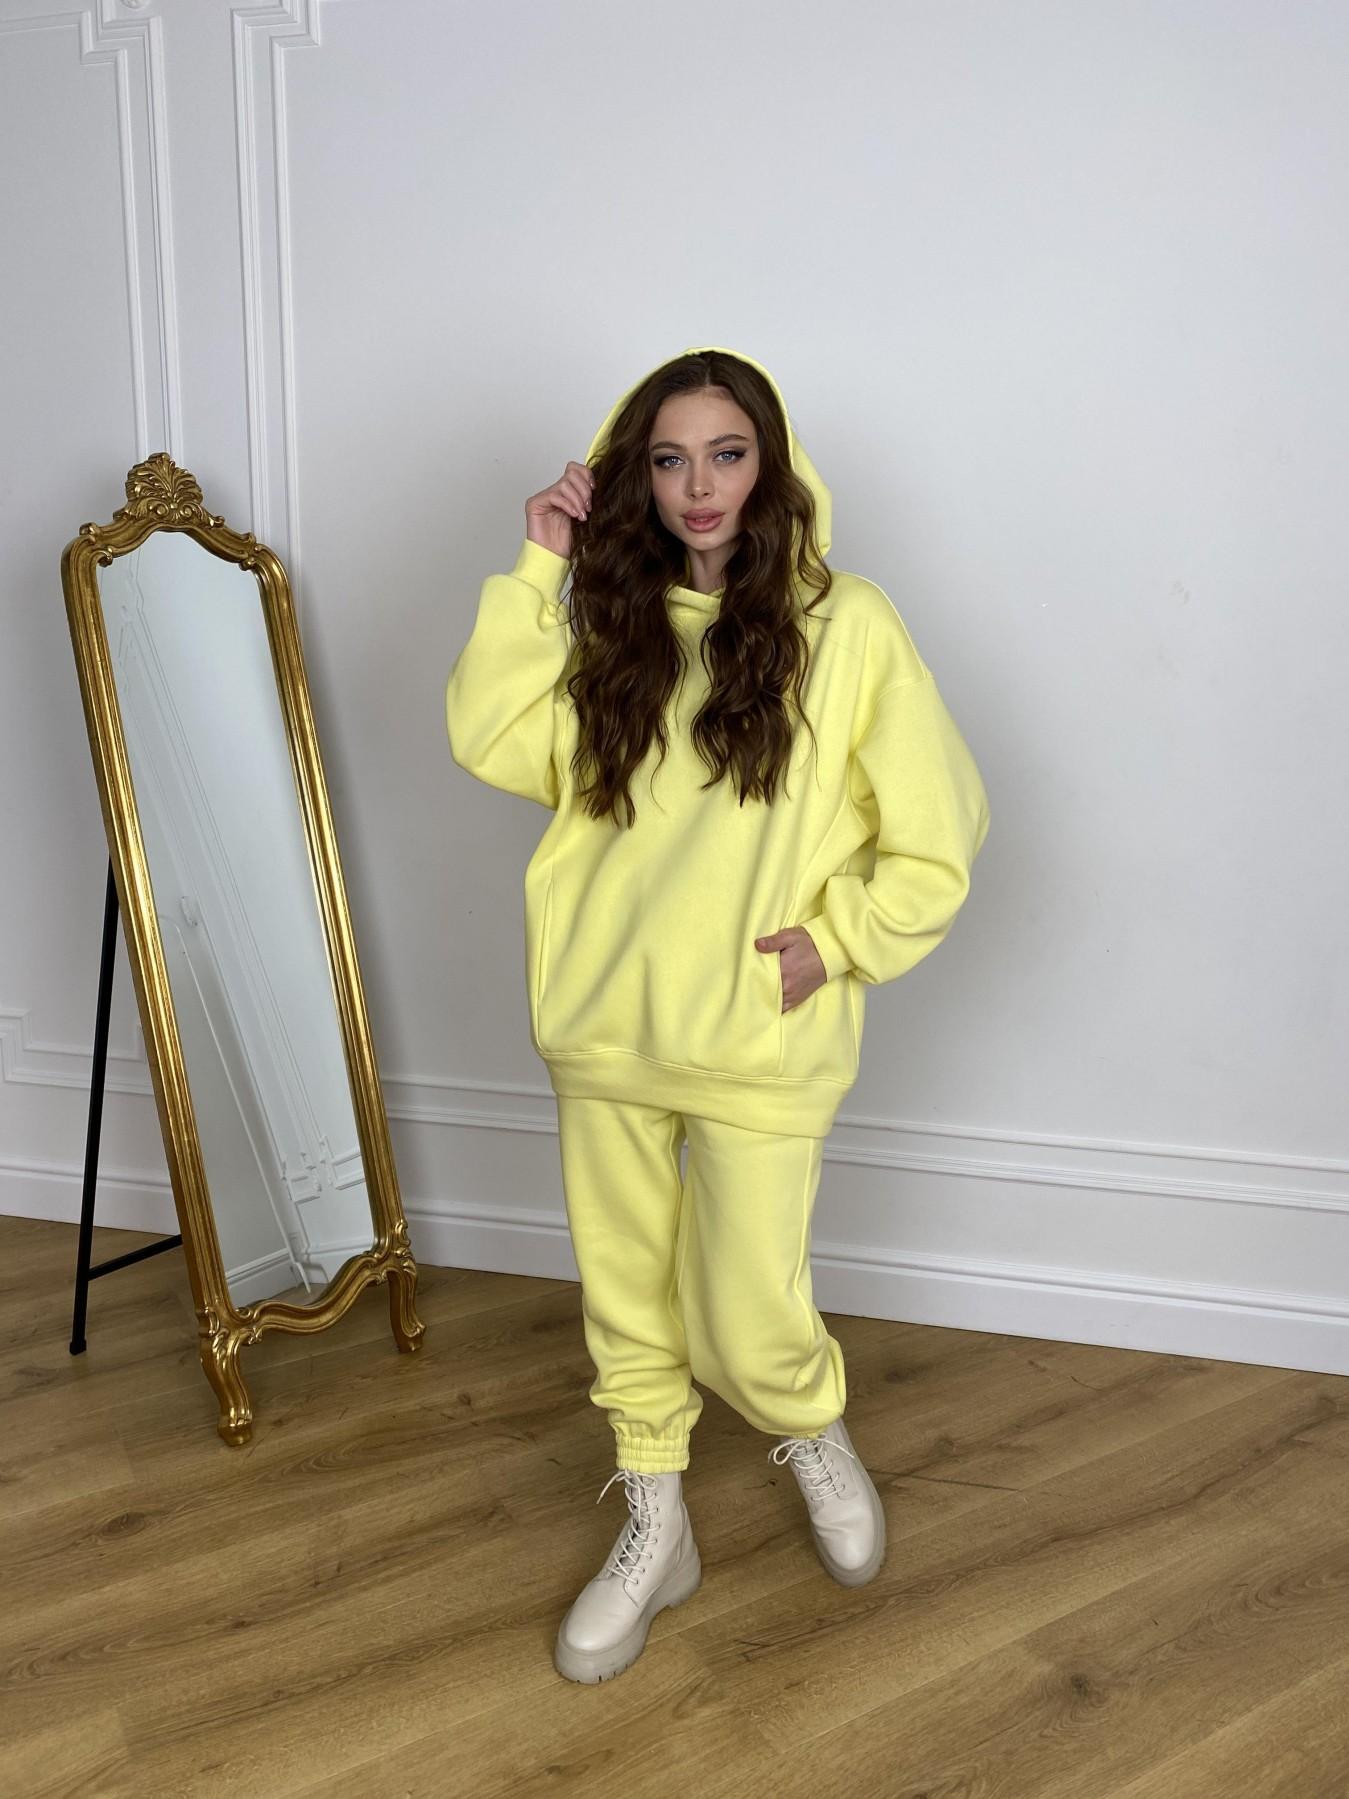 Марион костюм в  стиле Oversize  3х нитка 9651 АРТ. 46905 Цвет: Лимон - фото 7, интернет магазин tm-modus.ru